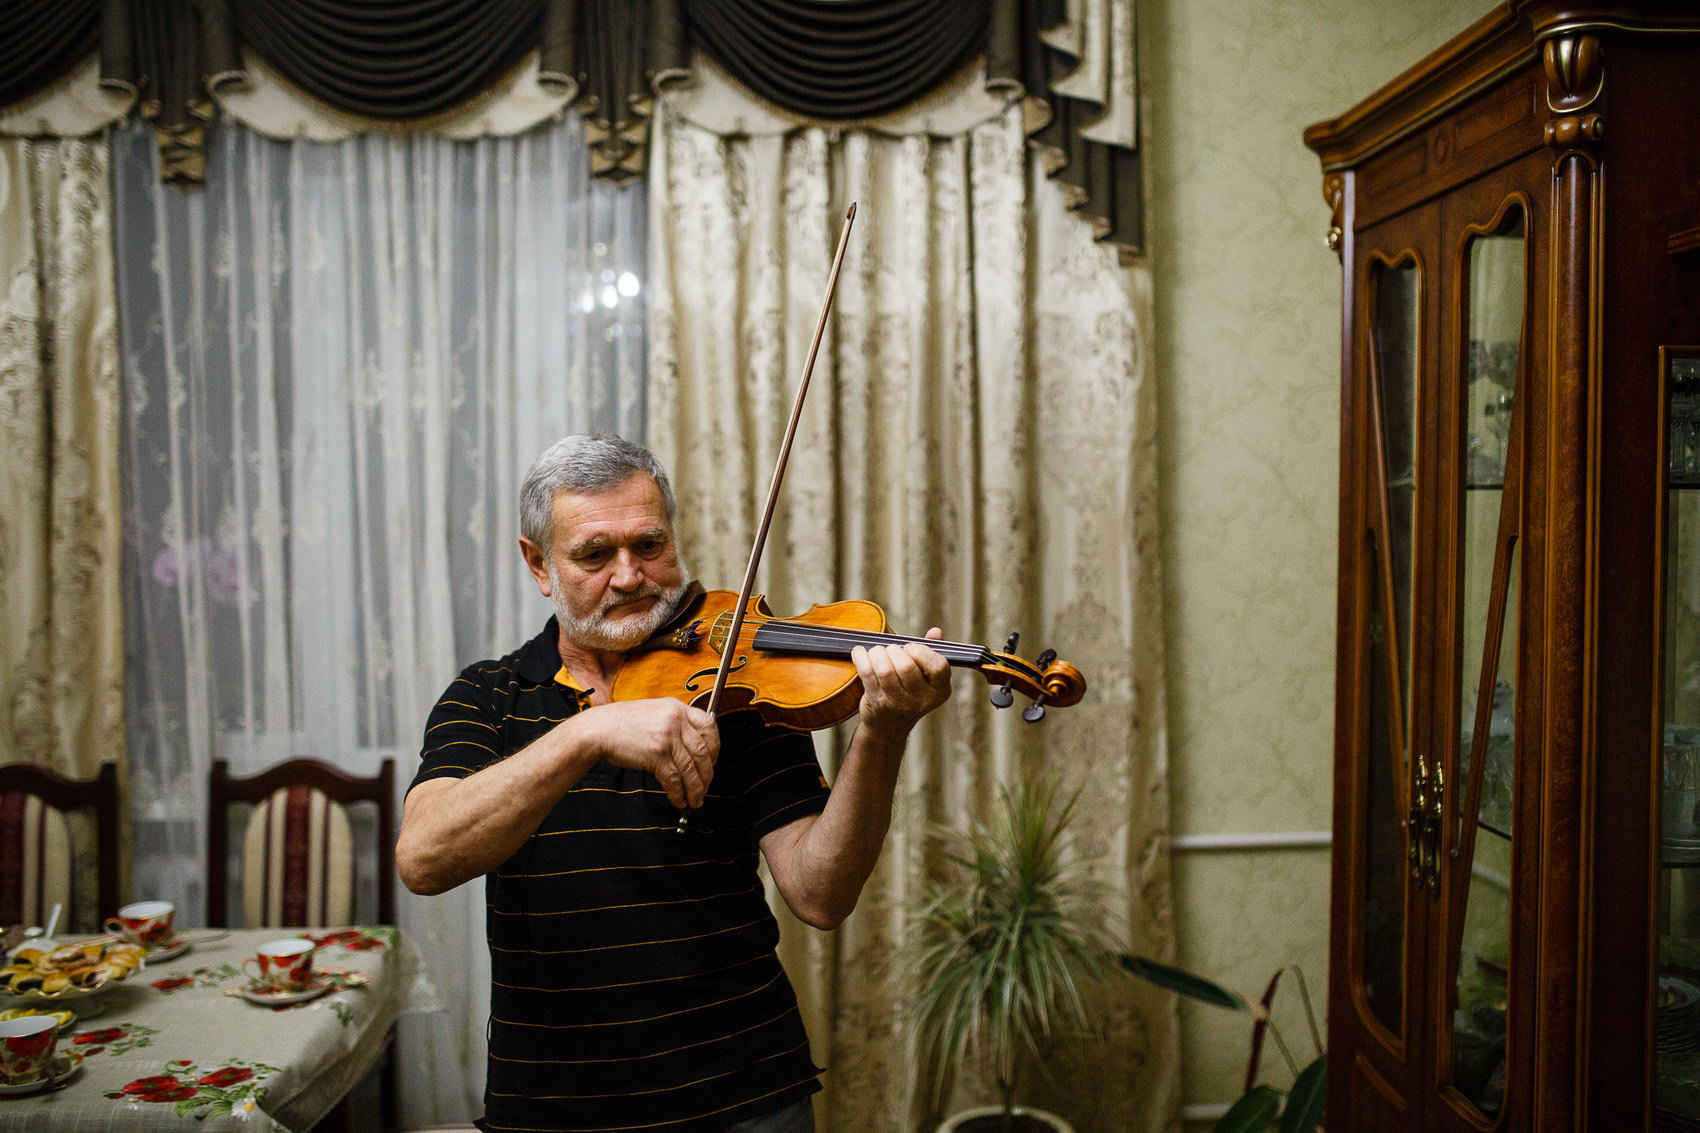 In die Ukraine zurückzukehren, um Violinen herzustellen